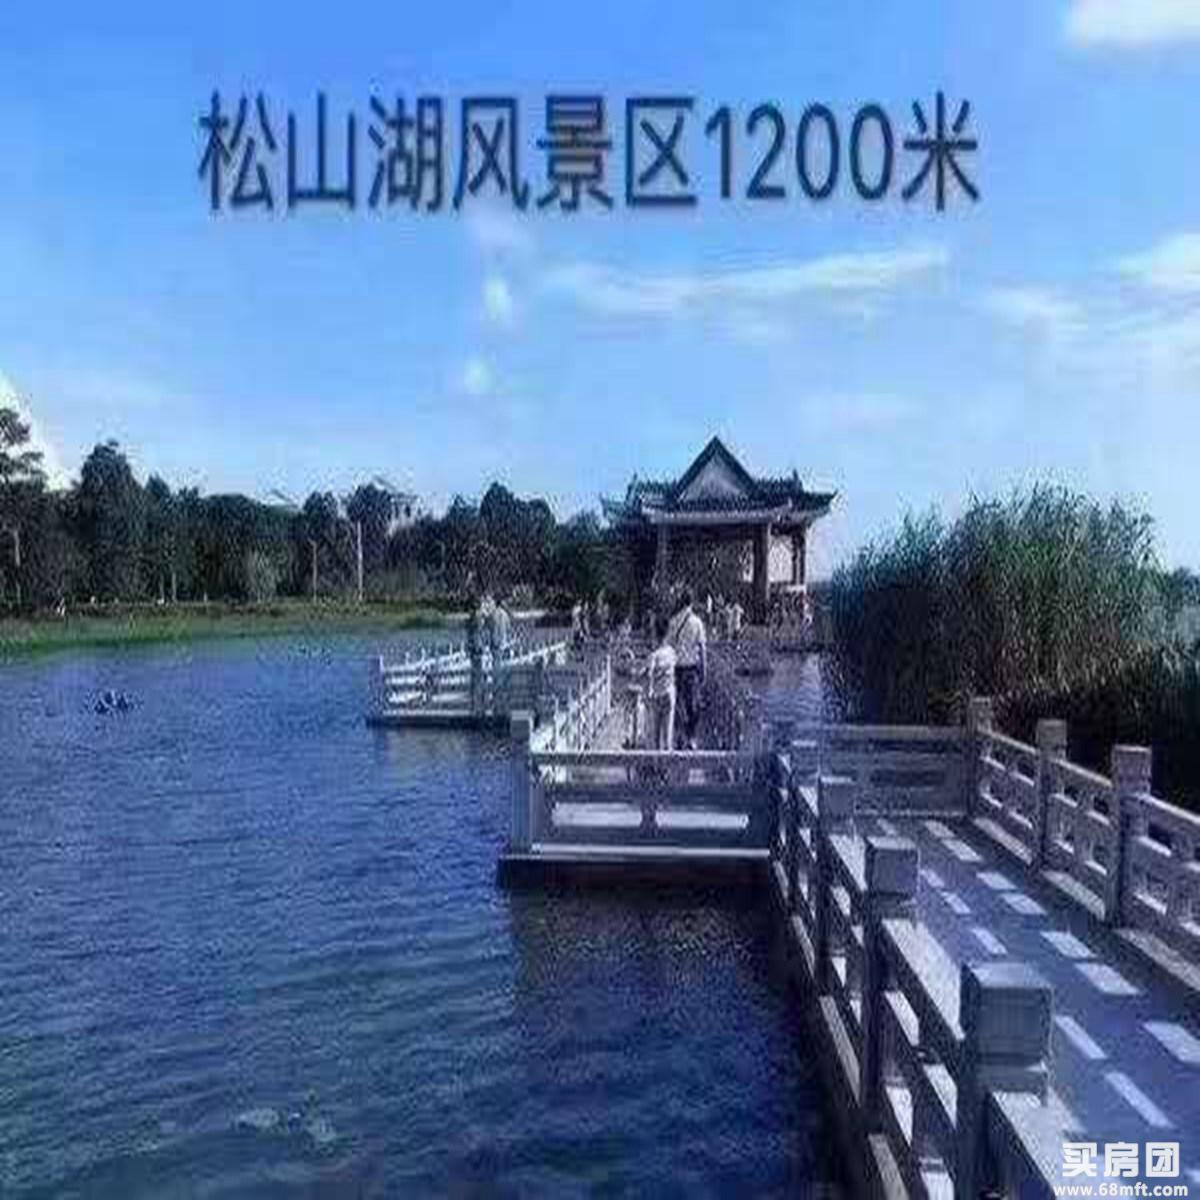 大岭山新盘 华为比邻 9.9万/套 双地铁口 9.9万/套 首付5成 分期3-5年